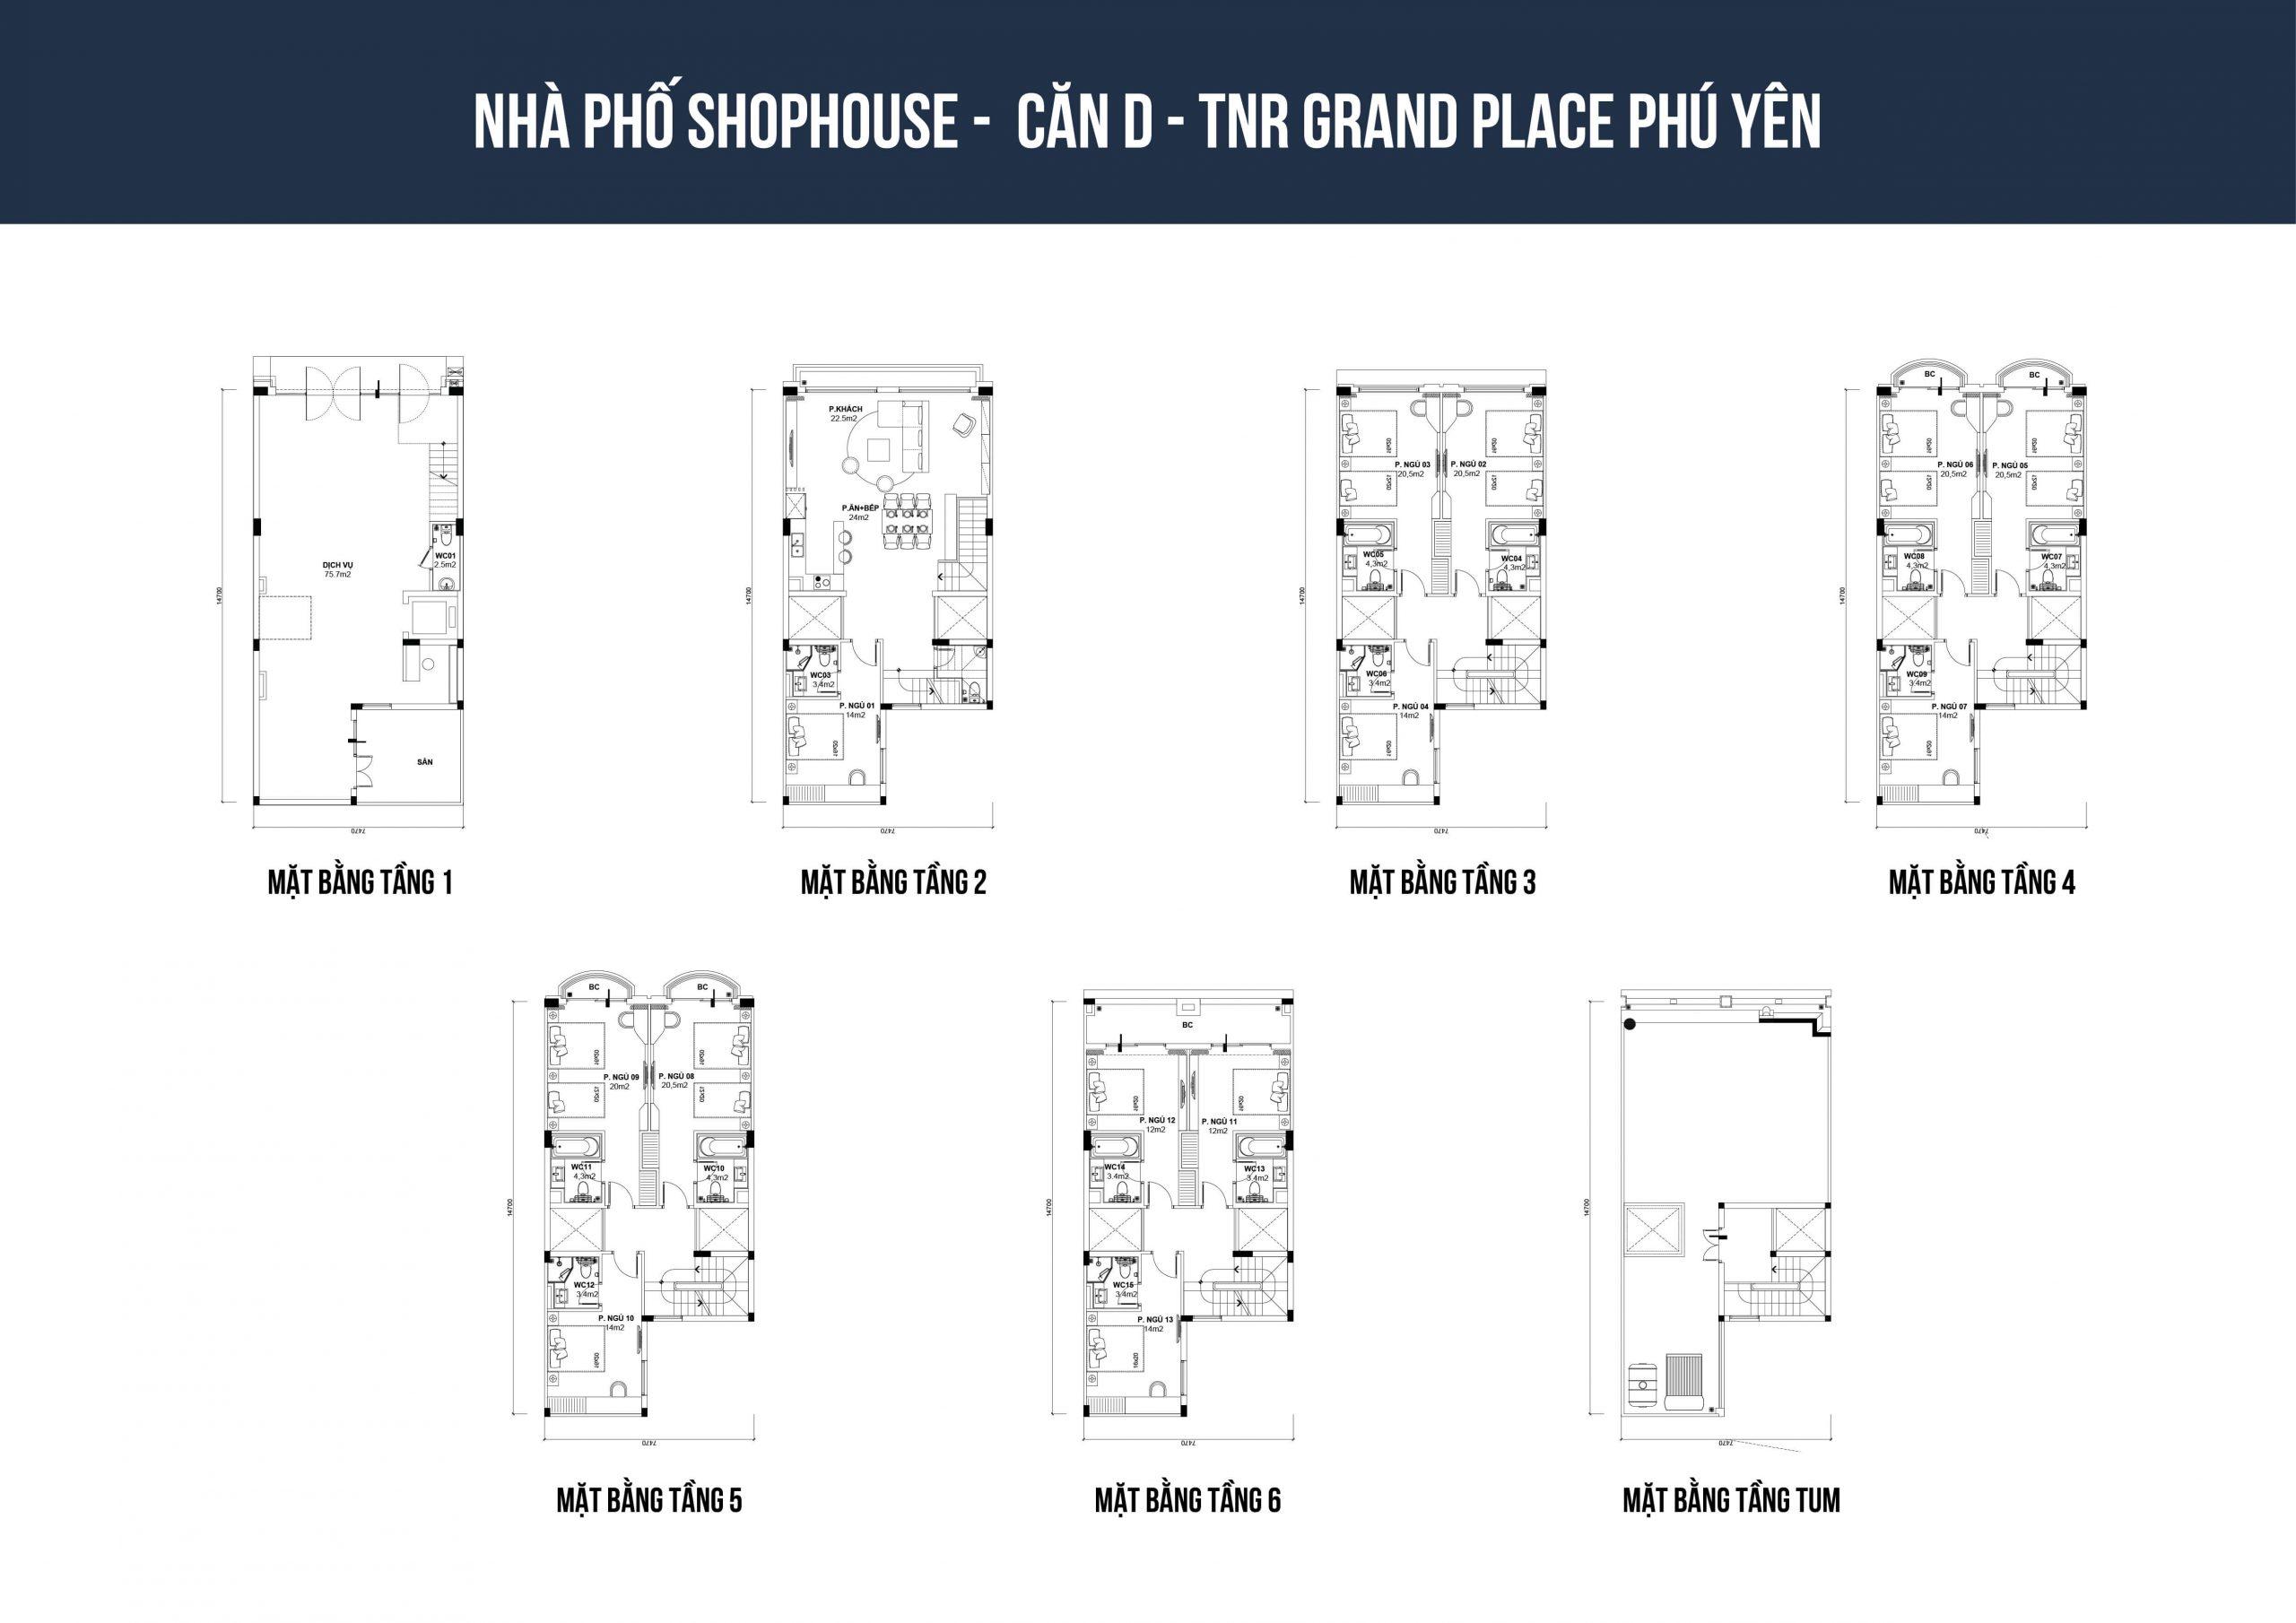 thiết kế shophouse tnr phú yên loại d1